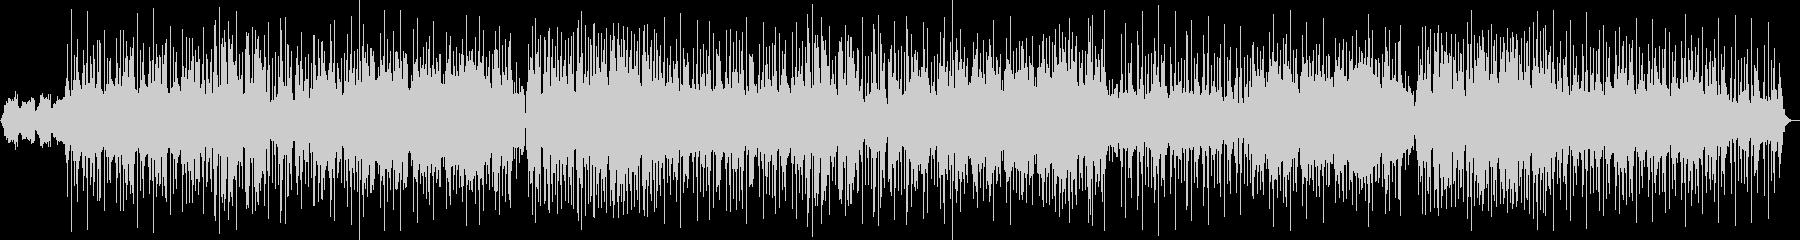 ダークな雰囲気のポップスBGMの未再生の波形